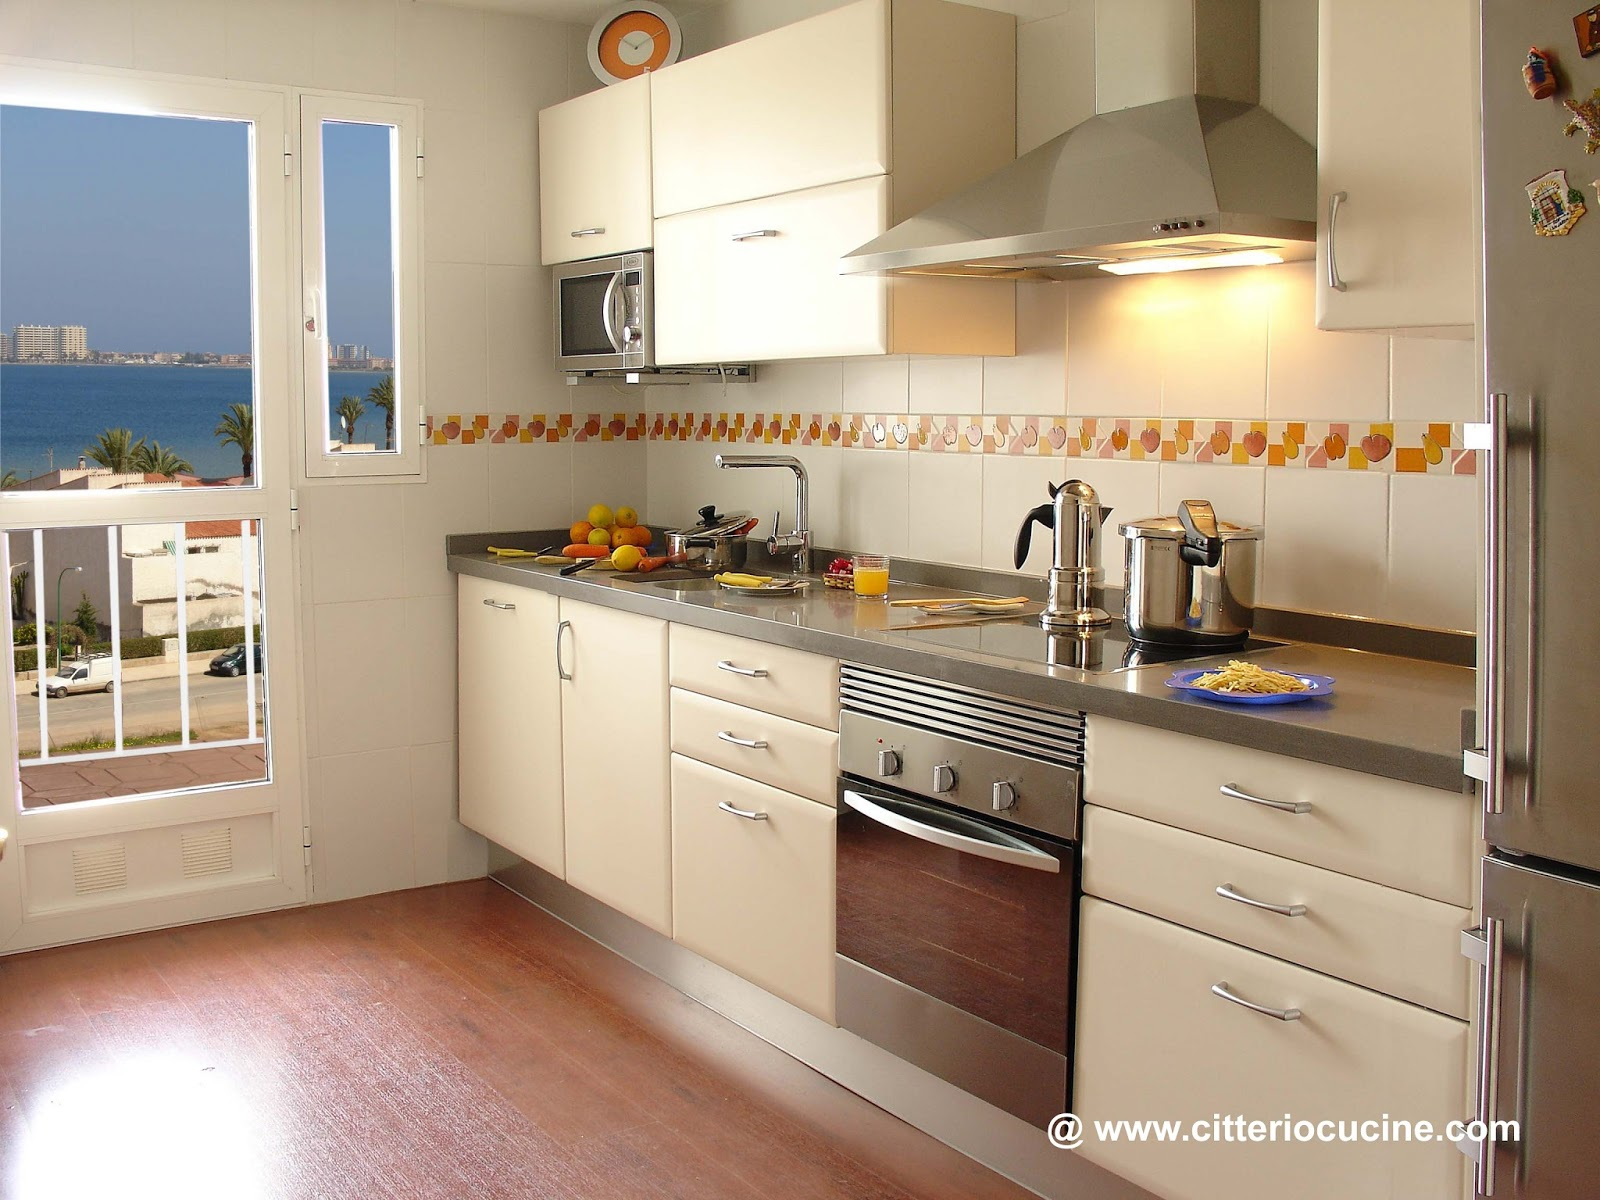 El blog de citterio cucine qu for Cocinas en linea